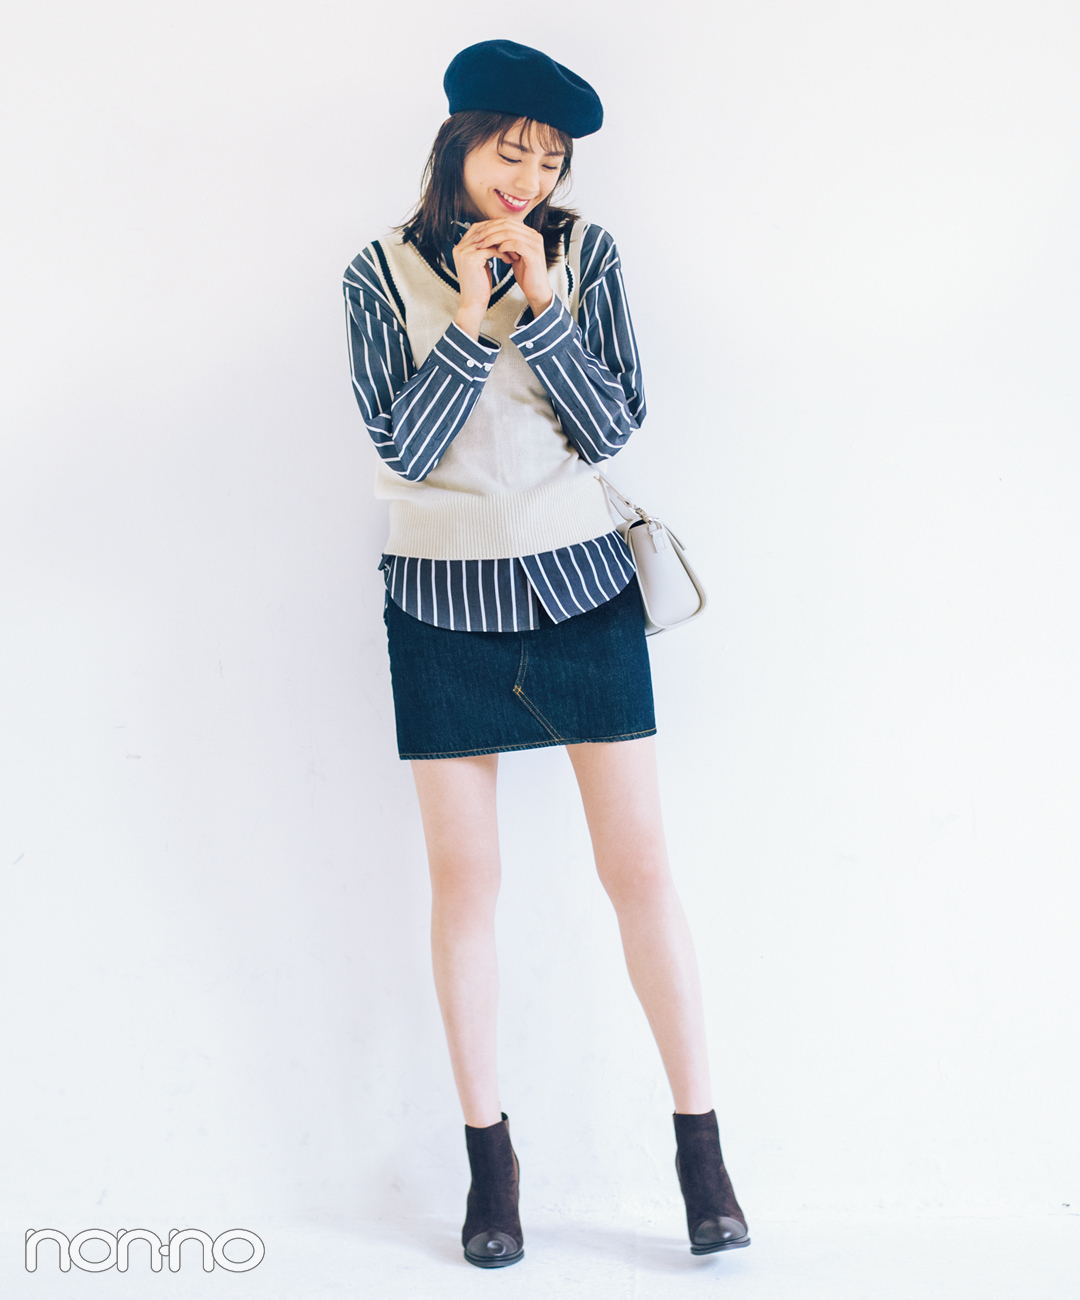 天気予報の女神&大人気モデル! 貴島明日香フォトギャラリー_1_46